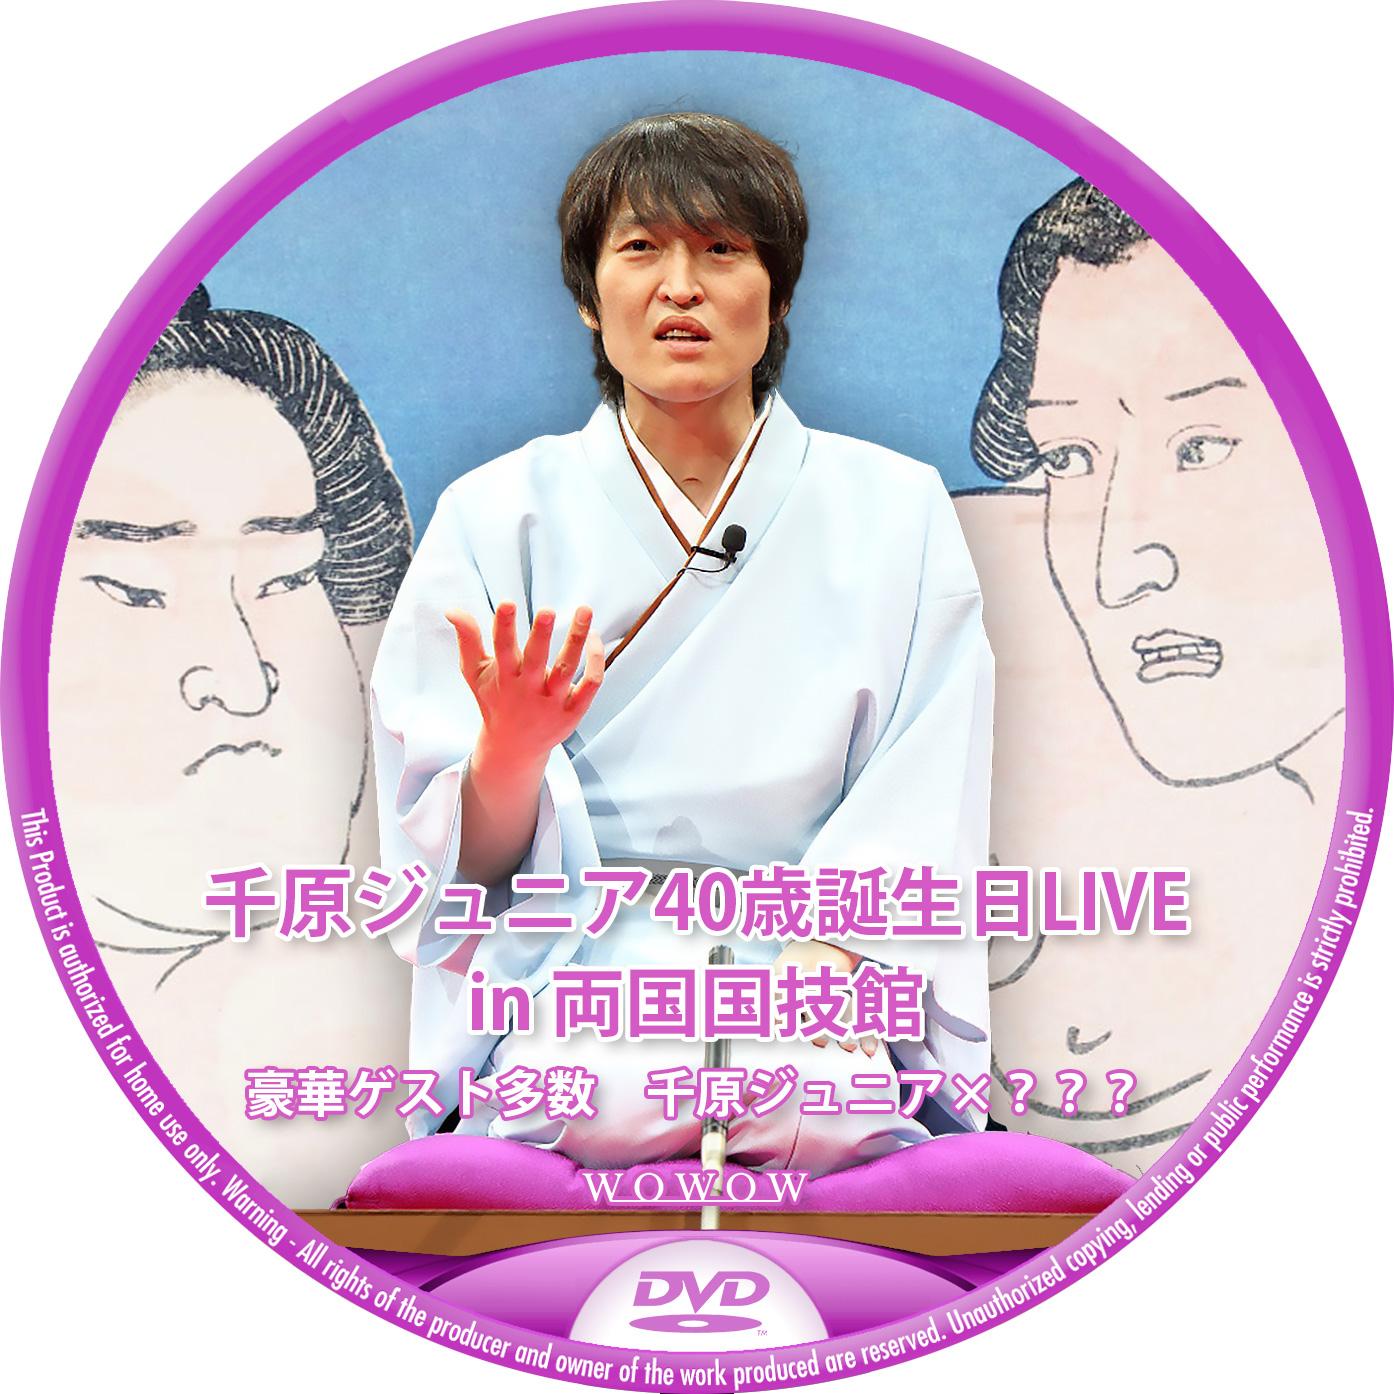 千原ジュニア LIVE WOWOW DVDラベル